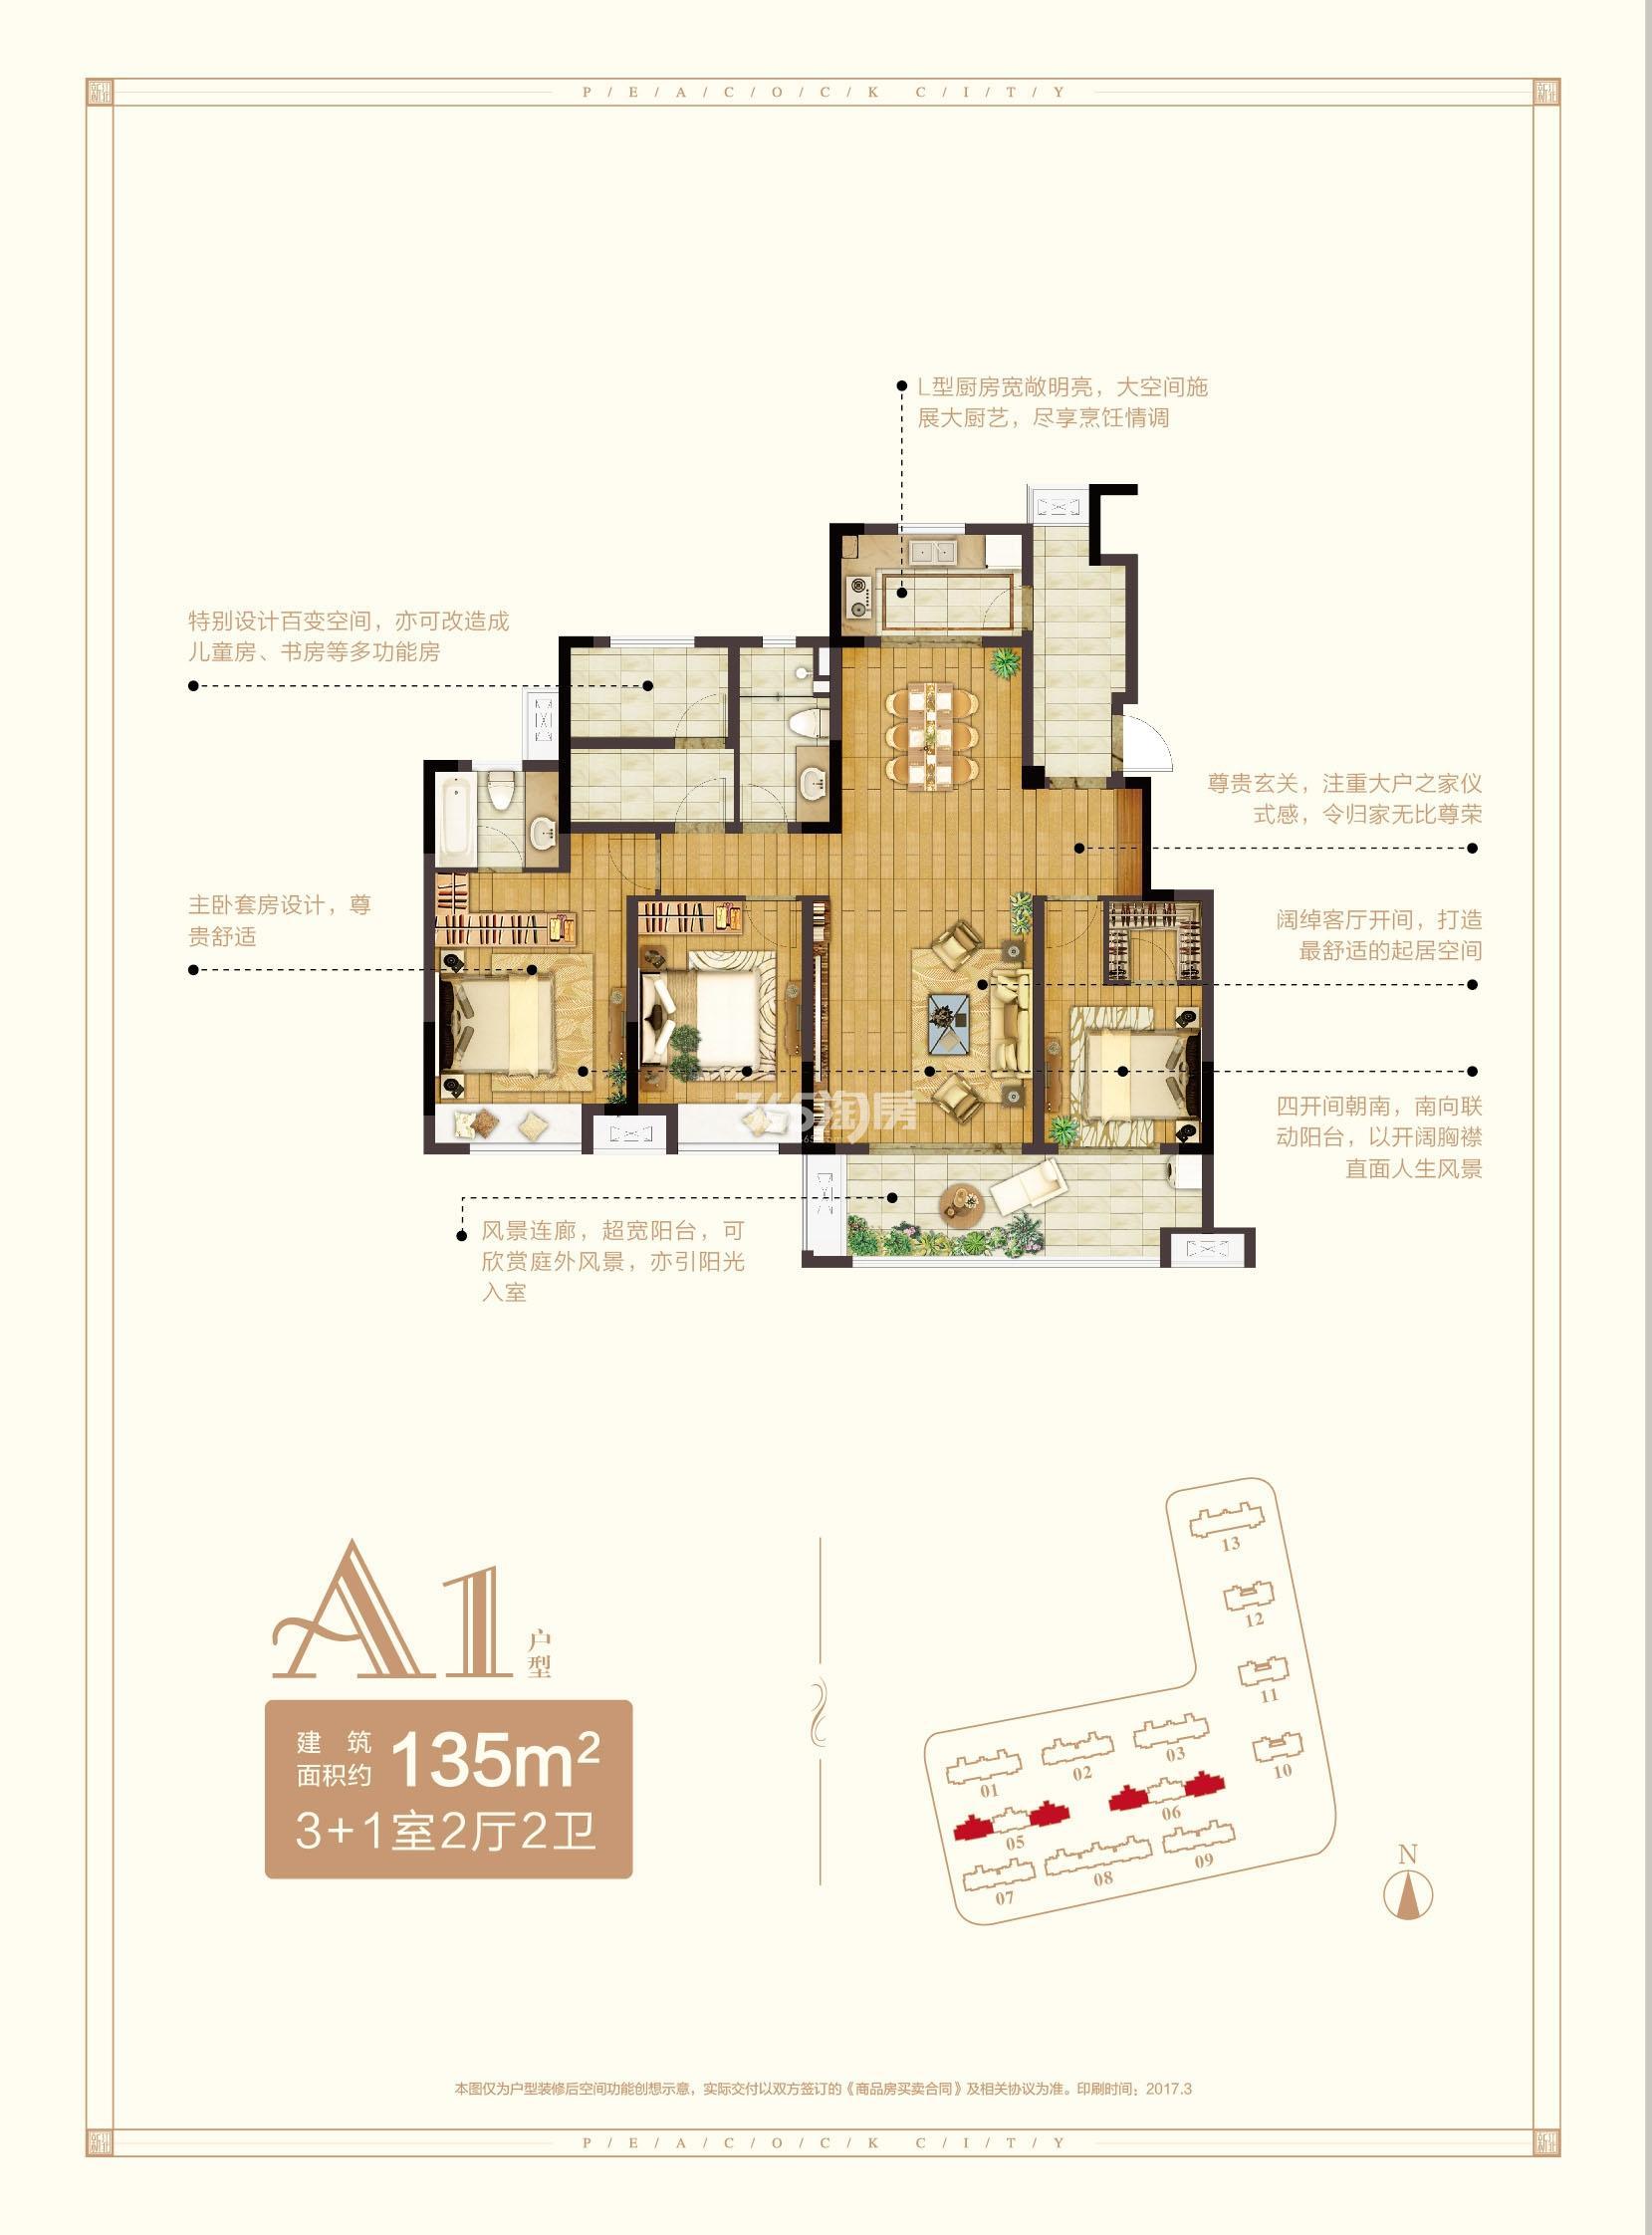 新江北孔雀城三期洋房A1户型图